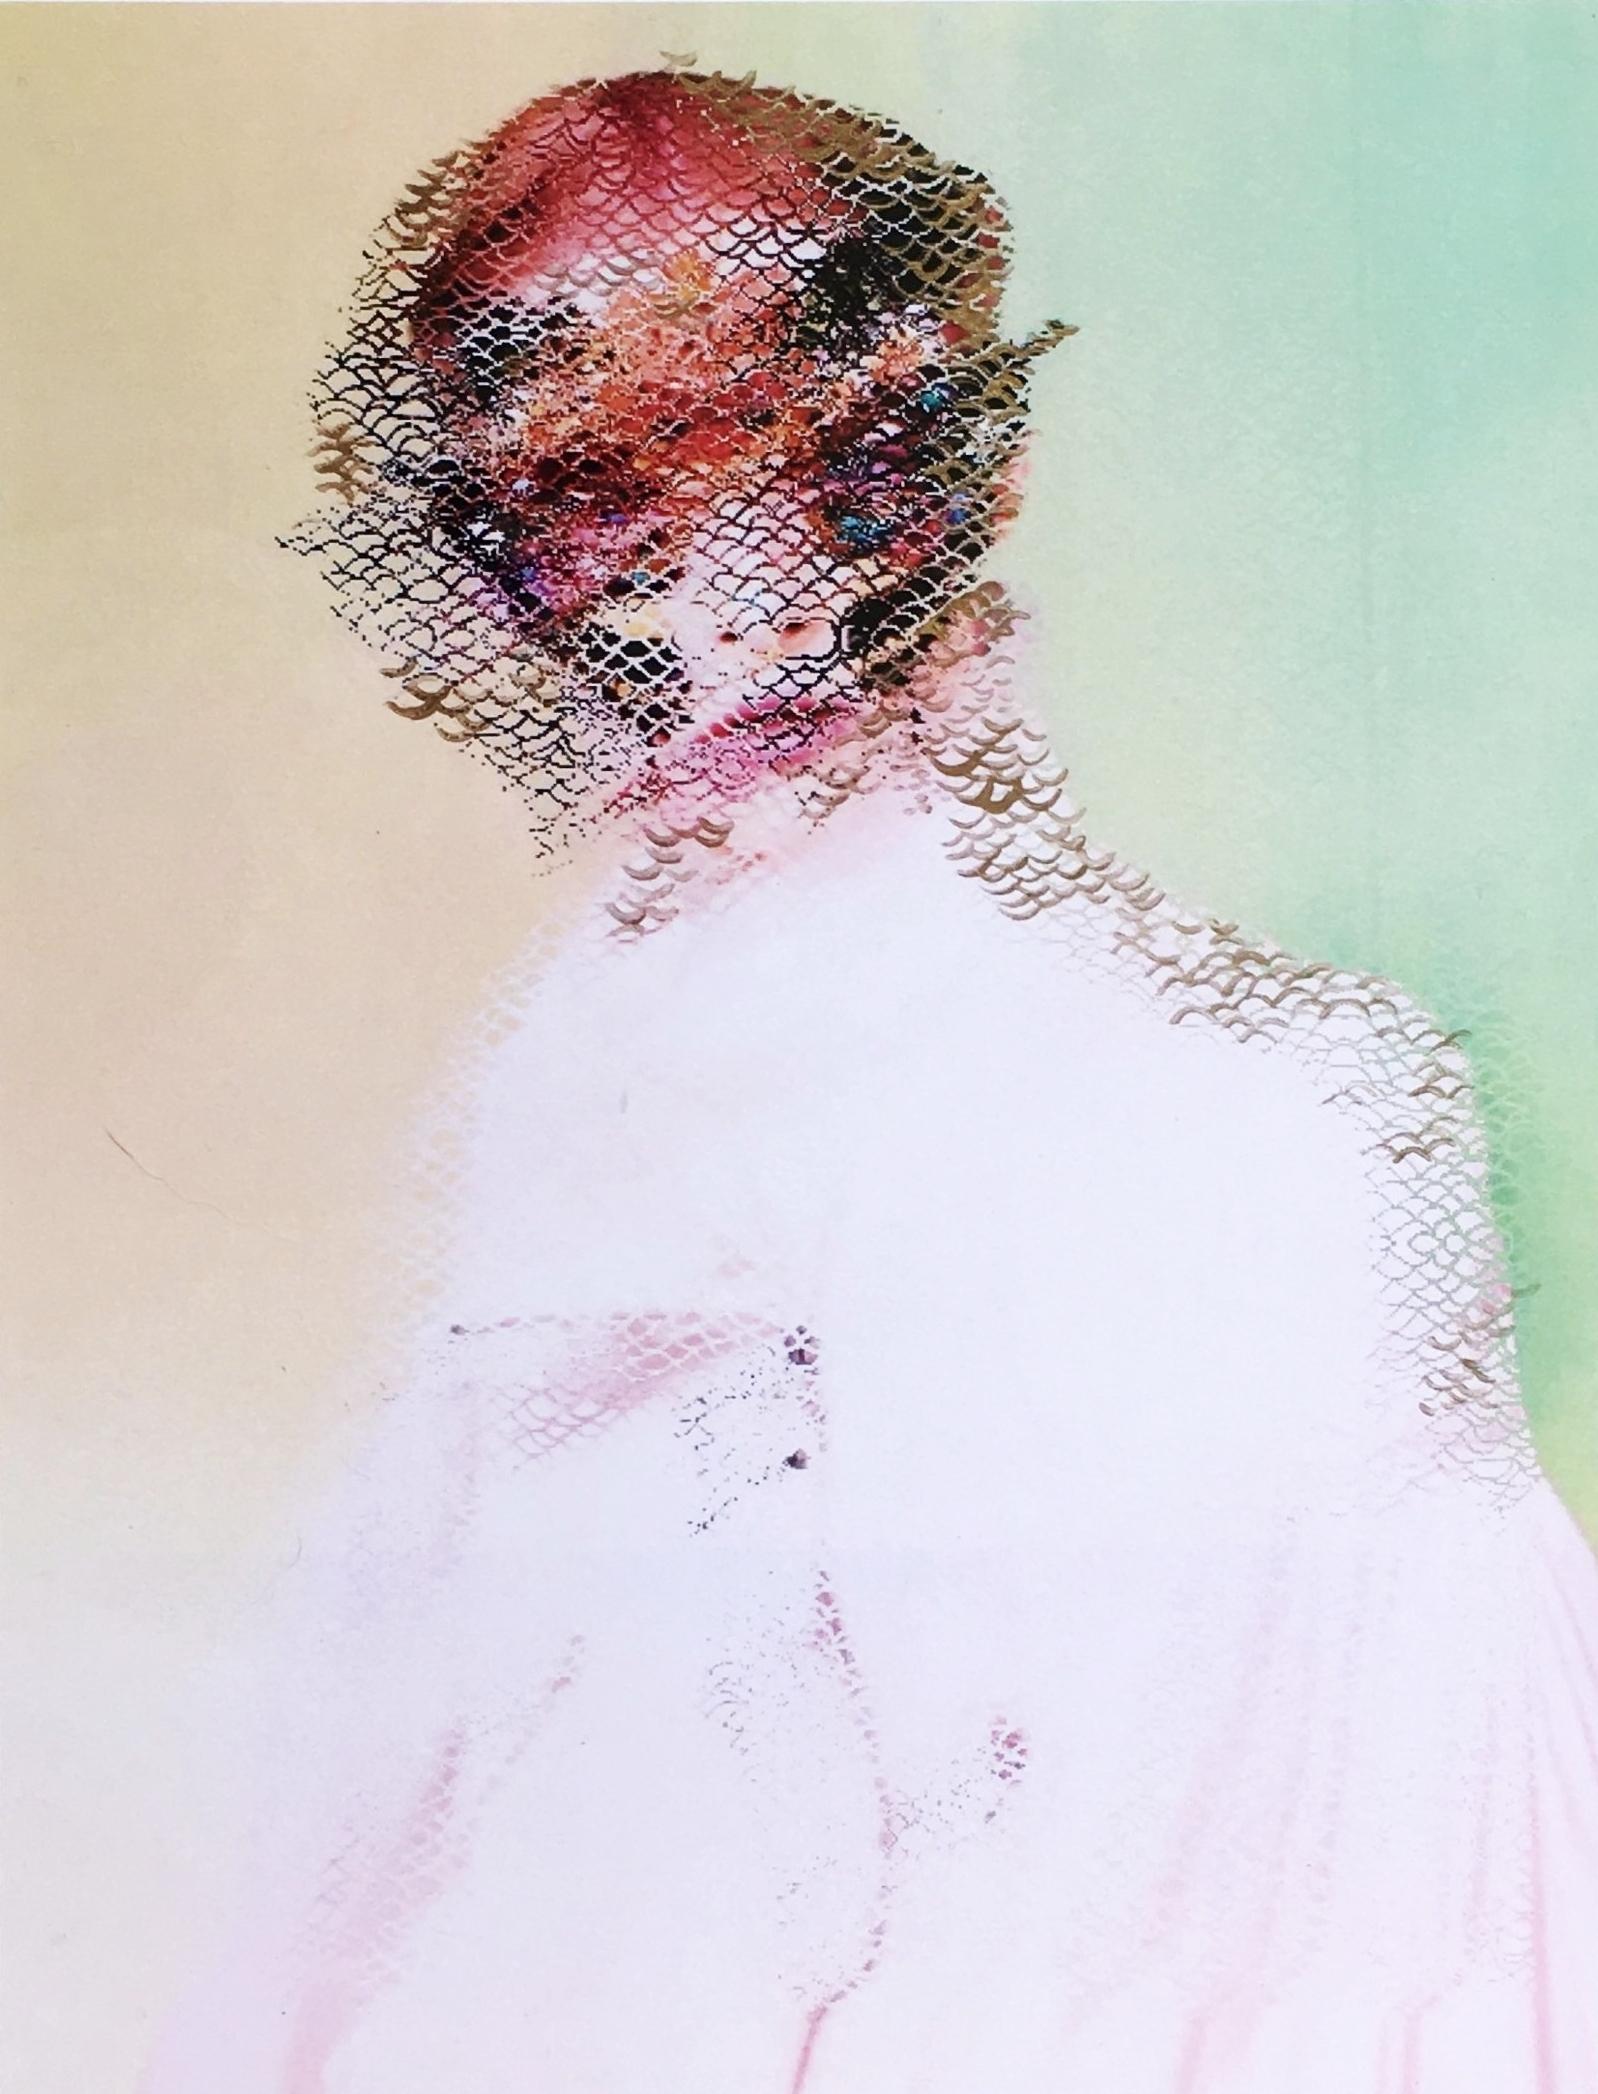 Morph ~ Embellished Digital Media Design. May 2018